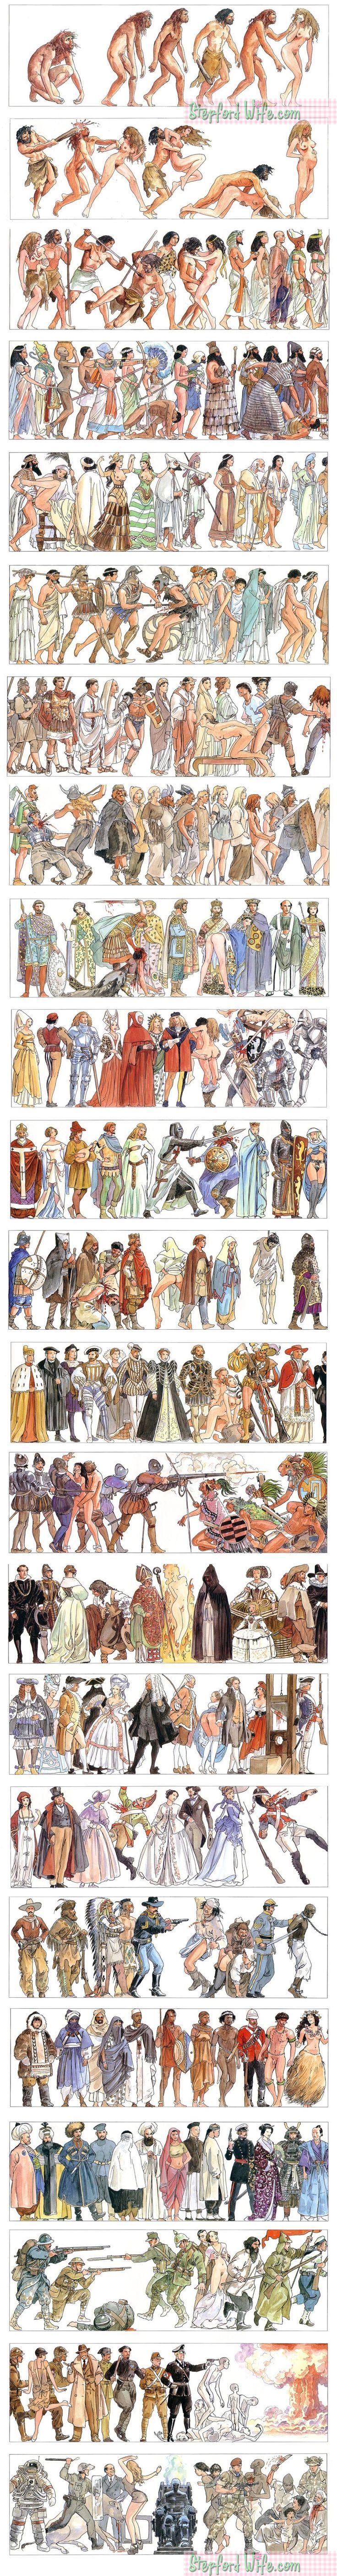 history of humanity by milo manara